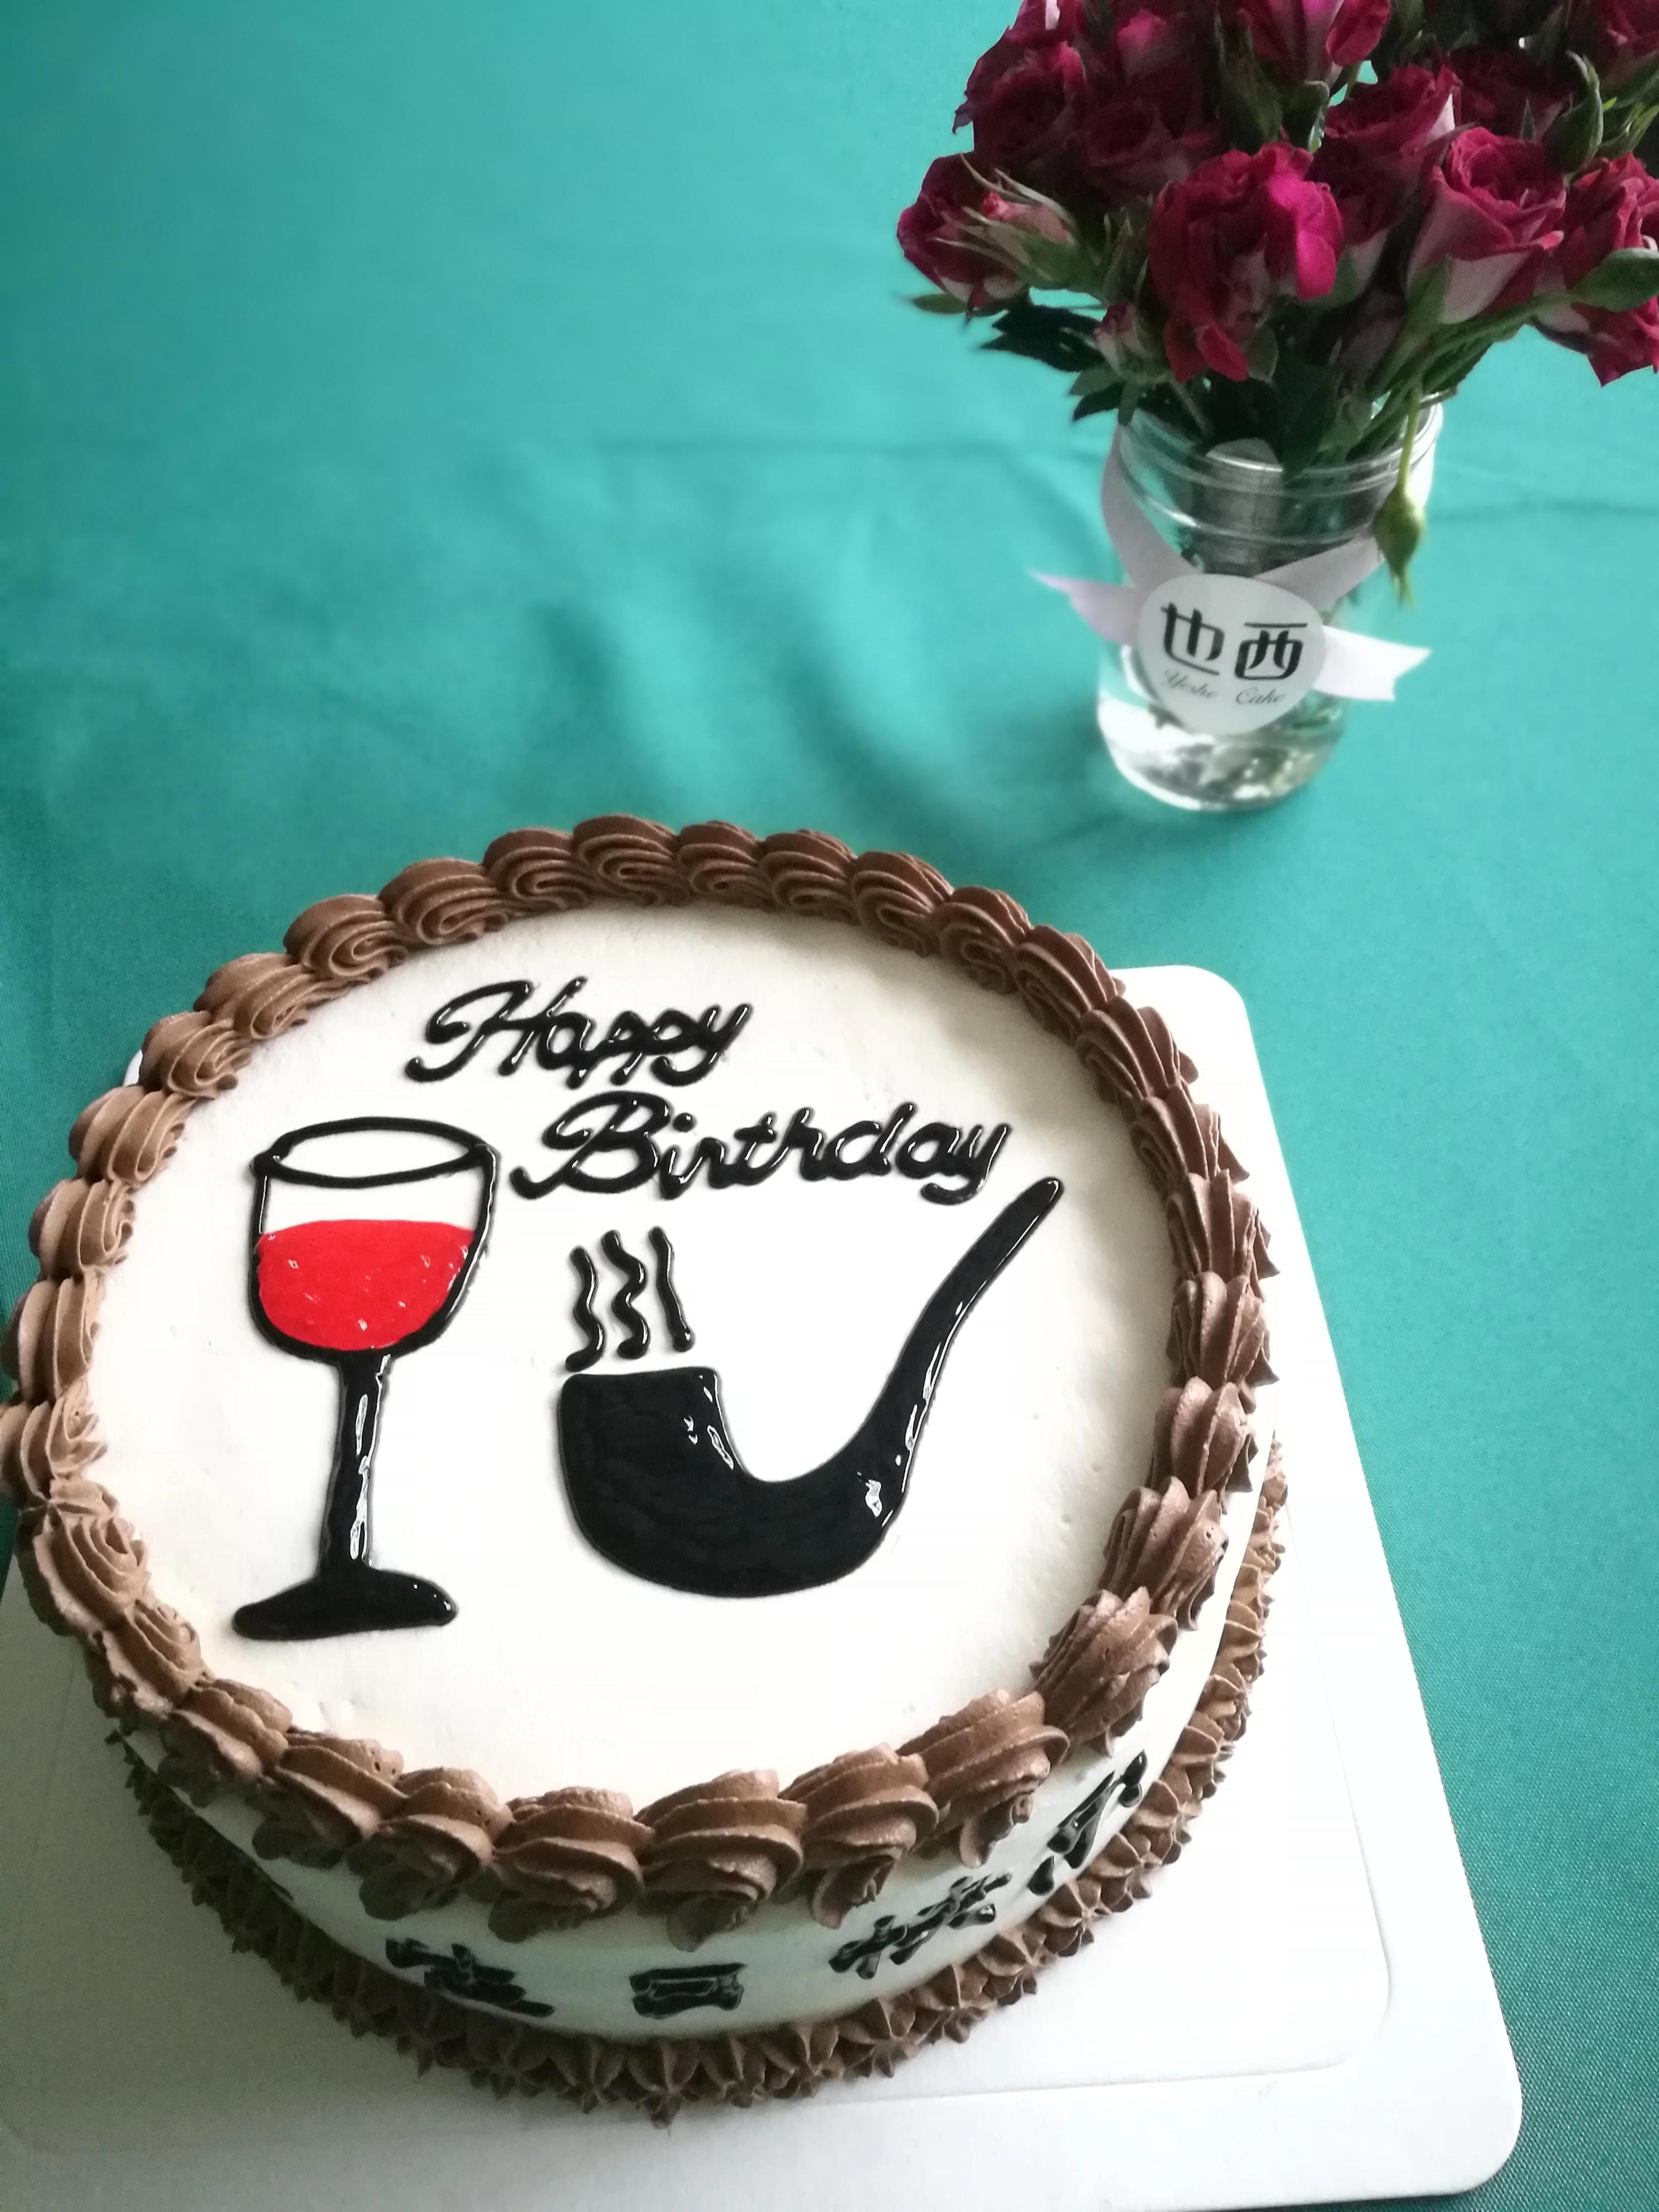 酒图案的蛋糕